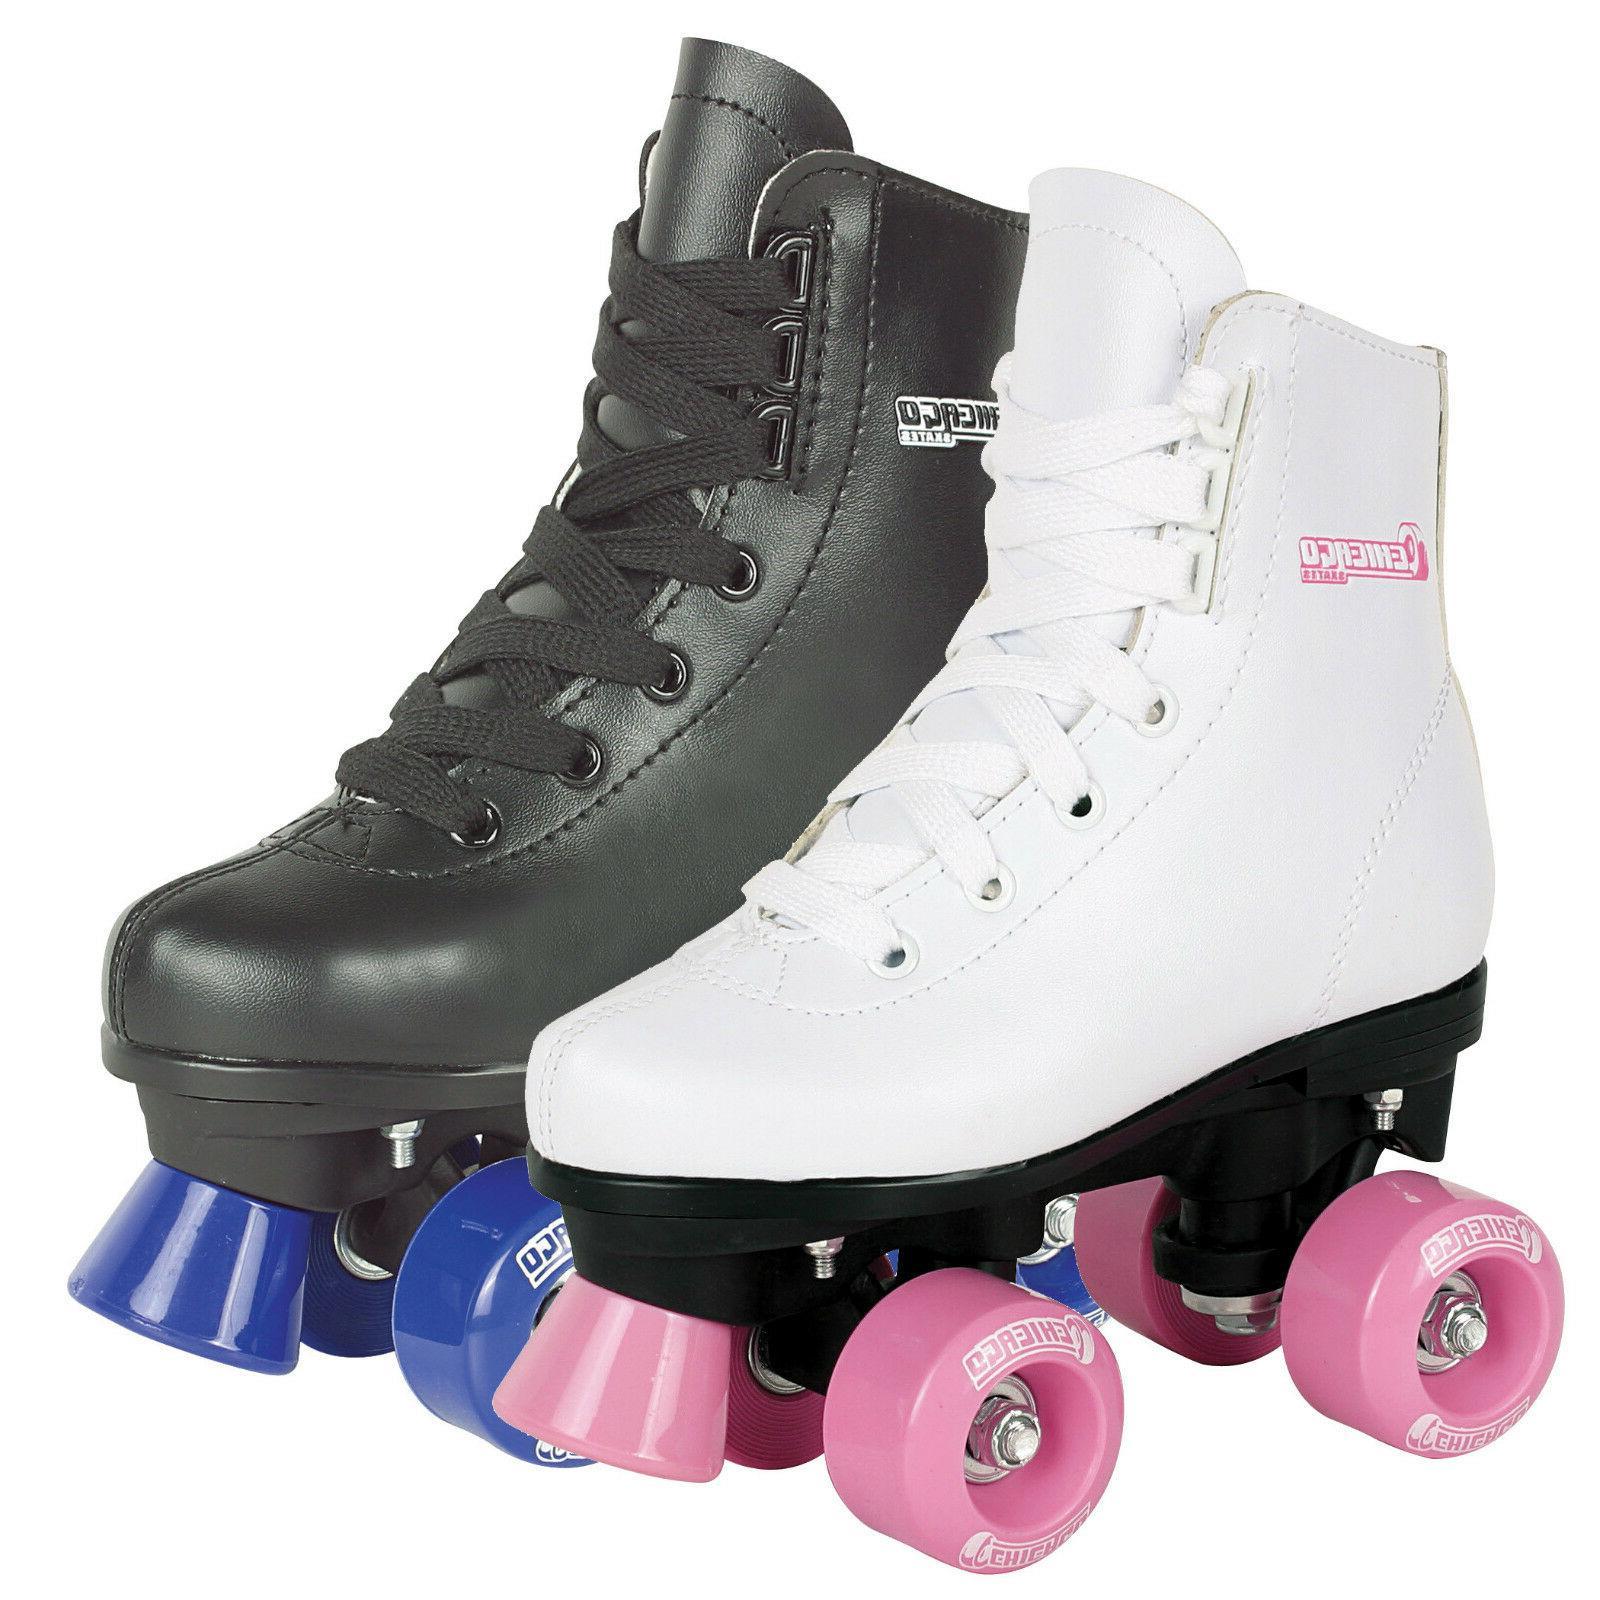 kids rink skates boys and girls sizes